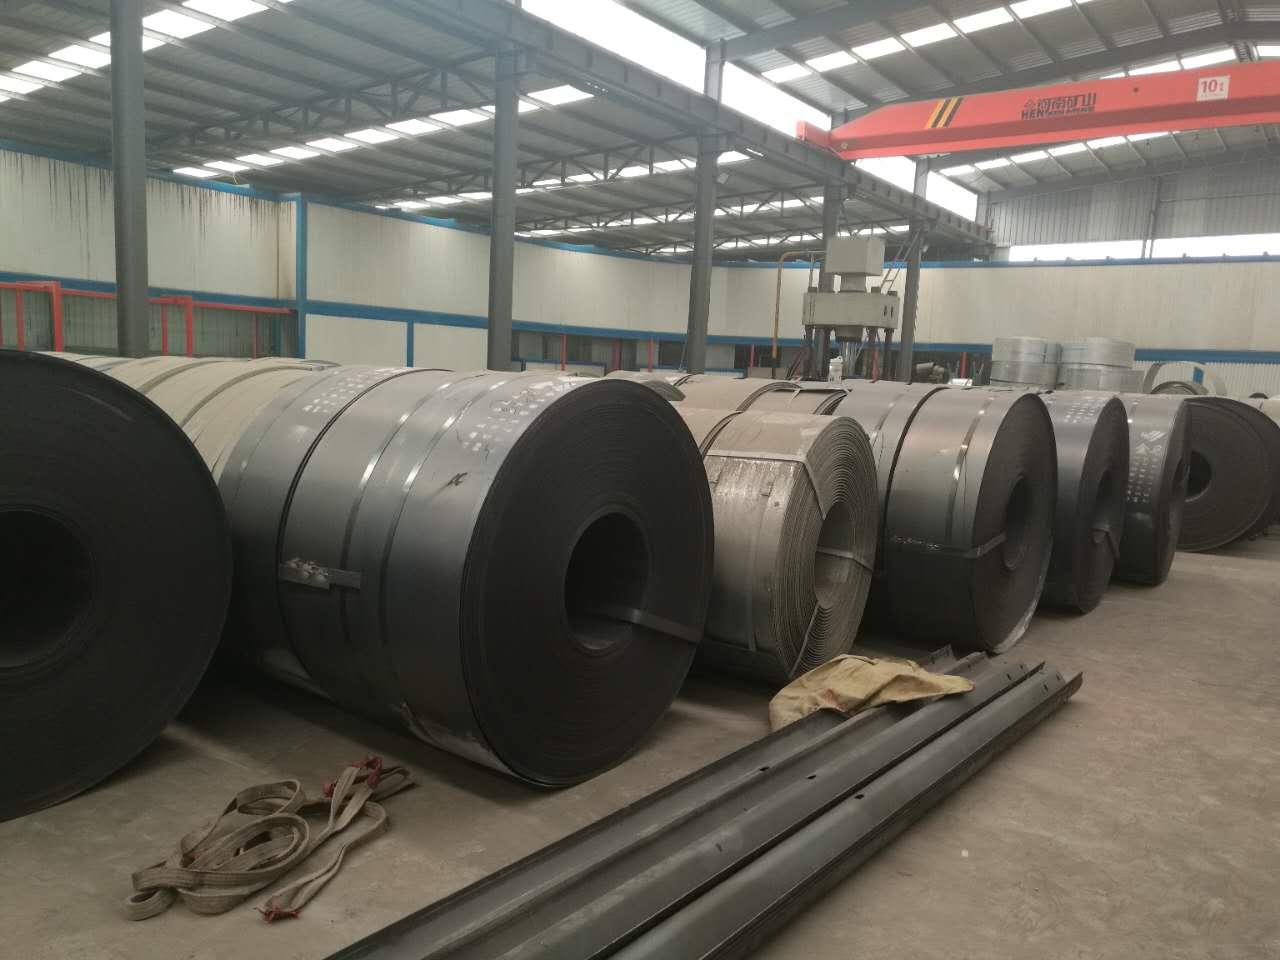 台湾护栏板厂家 厂家直销现货供应二波/三波热镀锌/喷塑护栏板价格优惠保证质量 合作一次终身朋友